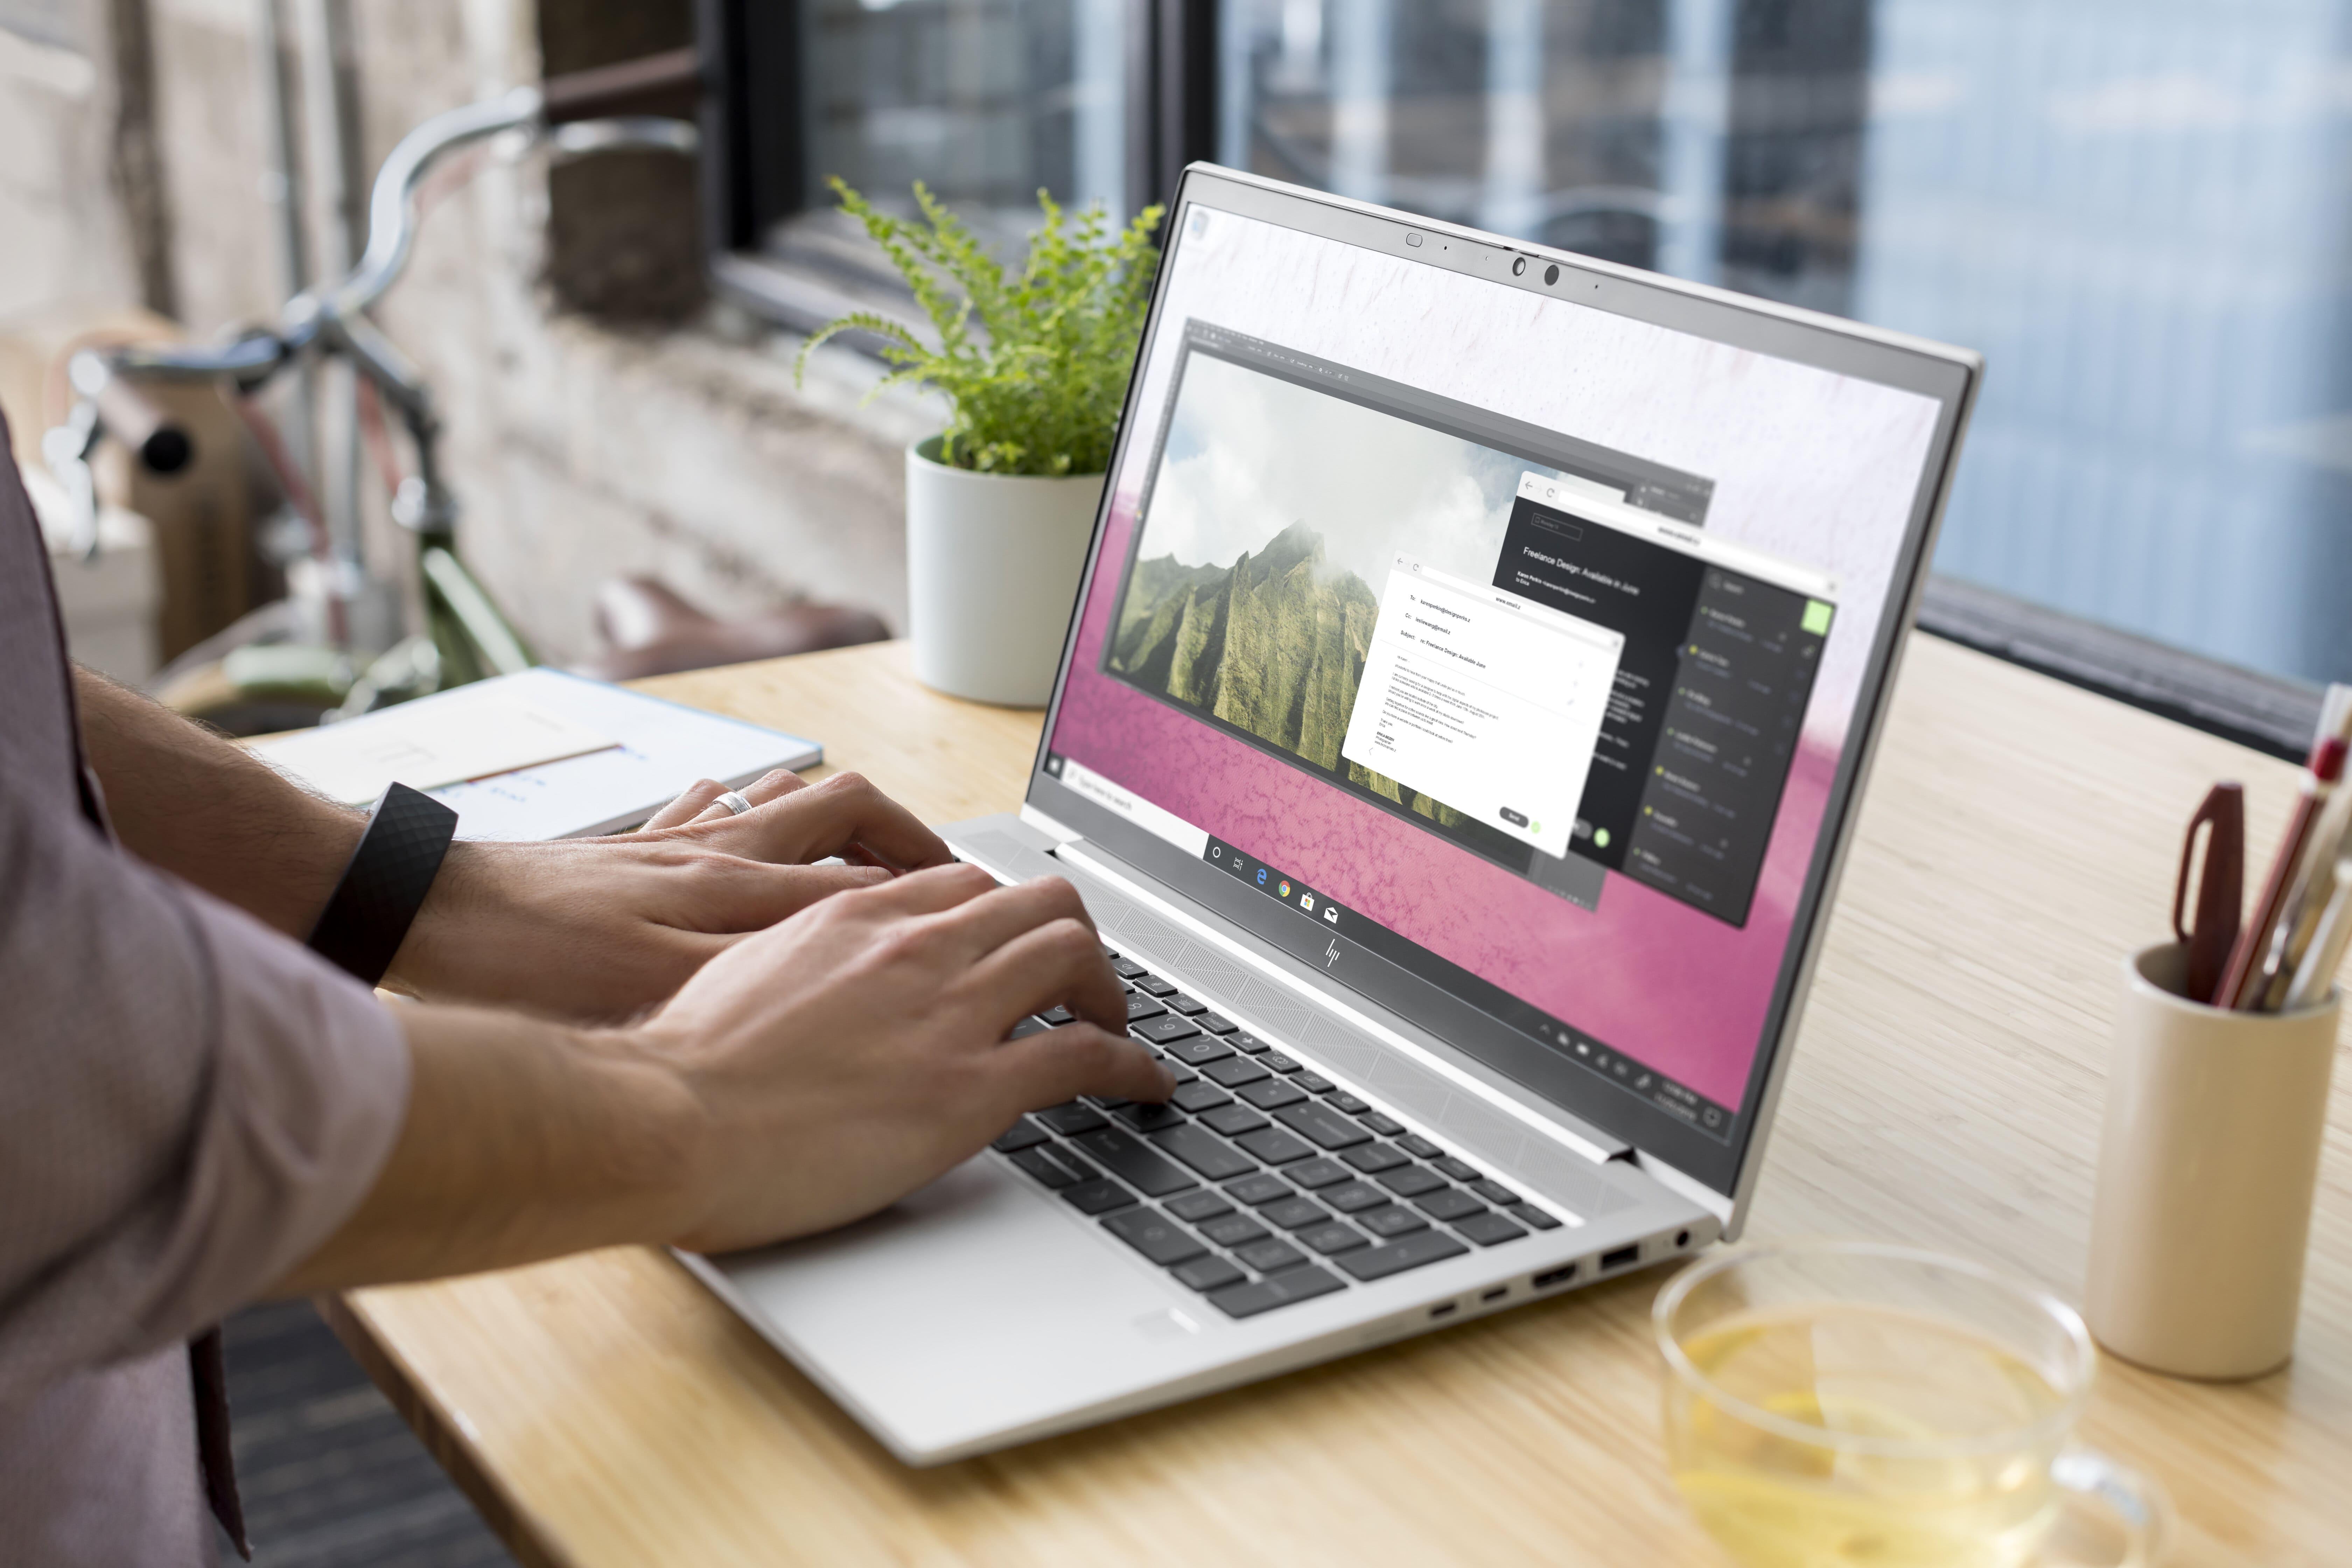 Nowe komputery i monitory HP zwiększają produktywność użytkowników biznesowych, zespołów IT i twórców